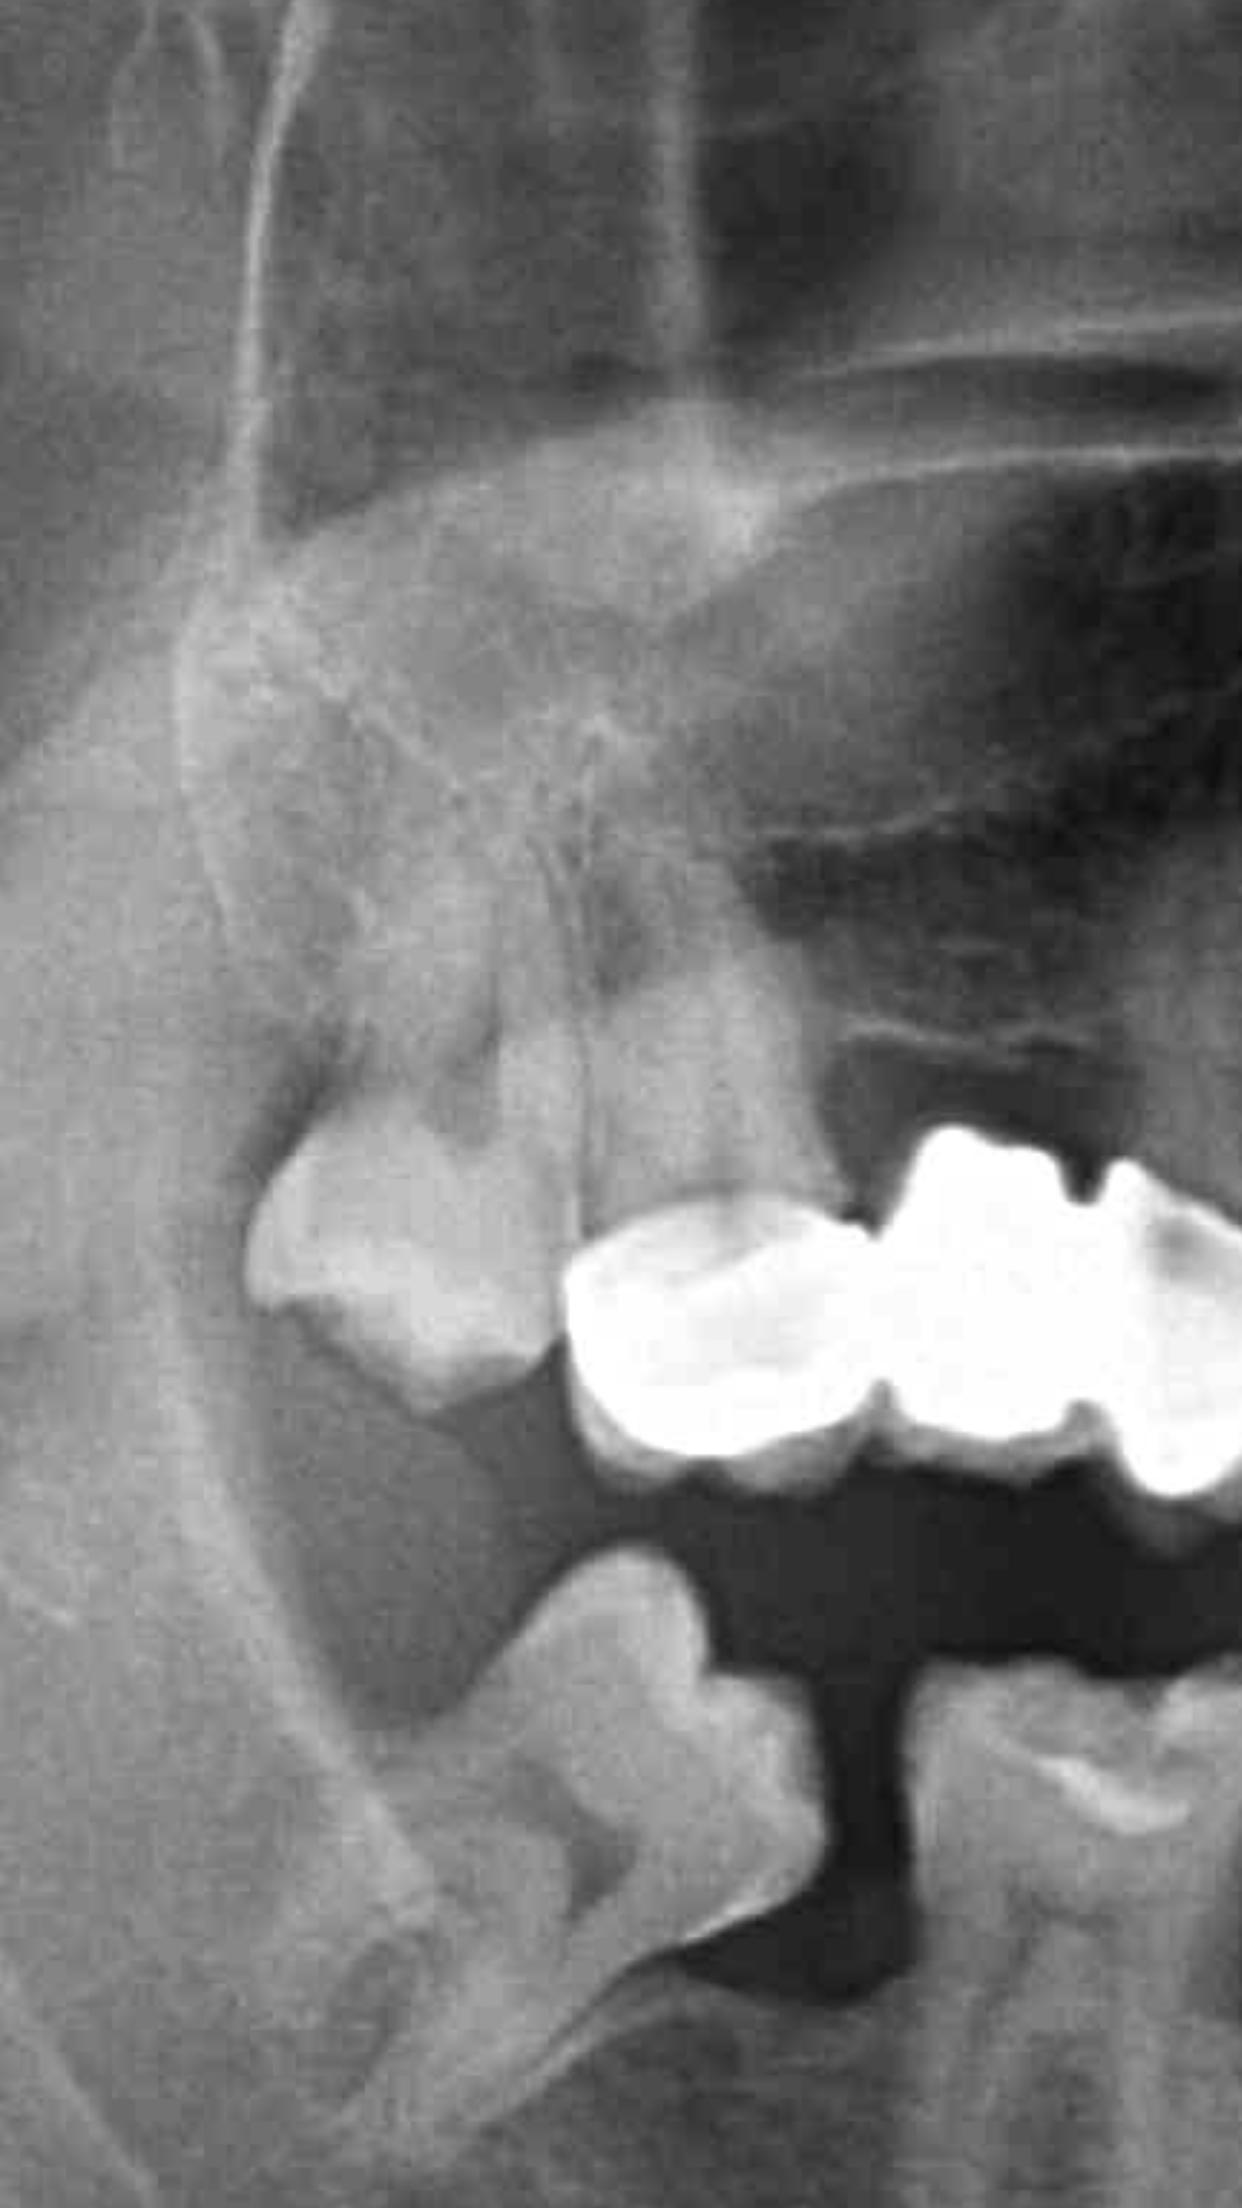 Da qualche giorno avverto un dolore acuto al molare monconizzato